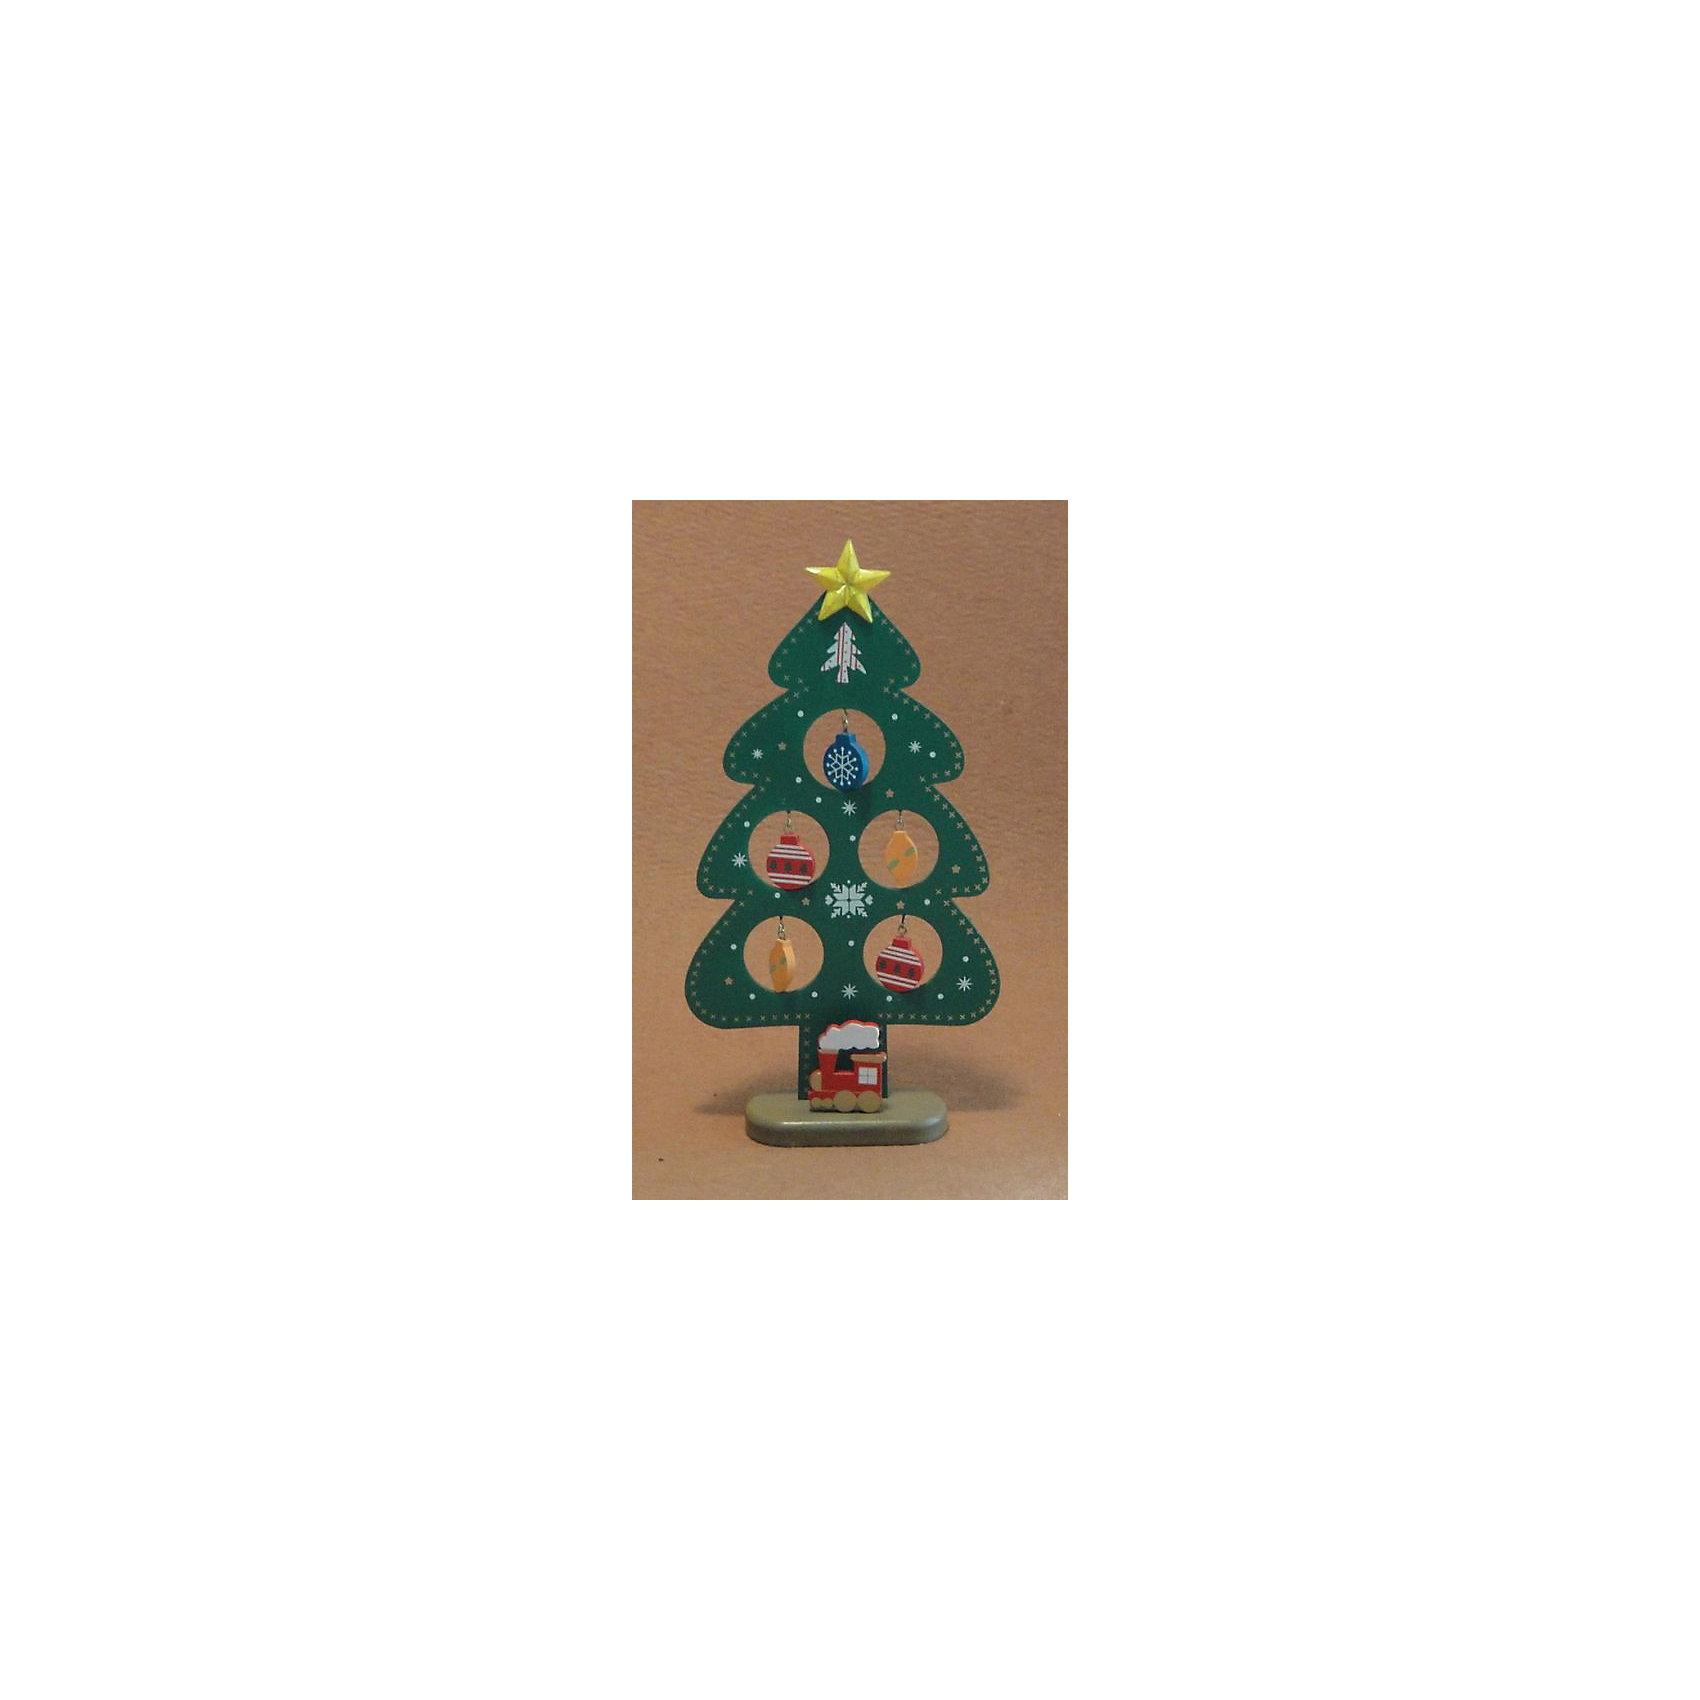 Деревянное украшение Зелёная ёлочка 23 смДеревянное украшение Зелёная ёлочка, Феникс-презент, замечательно украсит Ваш интерьер и станет приятным сувениром для родных и друзей. Украшение выполнено в виде зеленой новогодней елочки на подставке. В елке имеются круглые отверстия с небольшими<br>металлическими крючками, на которые можно повесить деревянные елочные игрушки, входящие в комплект. Симпатичная елочка порадует и взрослых и детей и создаст волшебную атмосферу новогодних праздников. <br><br><br>Дополнительная информация:<br><br>- Материал: древесина тополя.<br>- Высота елки: 23 см.<br>- Размер упаковки: 14,5 х 23 х 2 см.<br><br>Деревянное украшение Зелёная ёлочка, Феникс-презент, можно купить в нашем интернет-магазине.<br><br>Ширина мм: 230<br>Глубина мм: 170<br>Высота мм: 30<br>Вес г: 100<br>Возраст от месяцев: 36<br>Возраст до месяцев: 2147483647<br>Пол: Унисекс<br>Возраст: Детский<br>SKU: 4274715